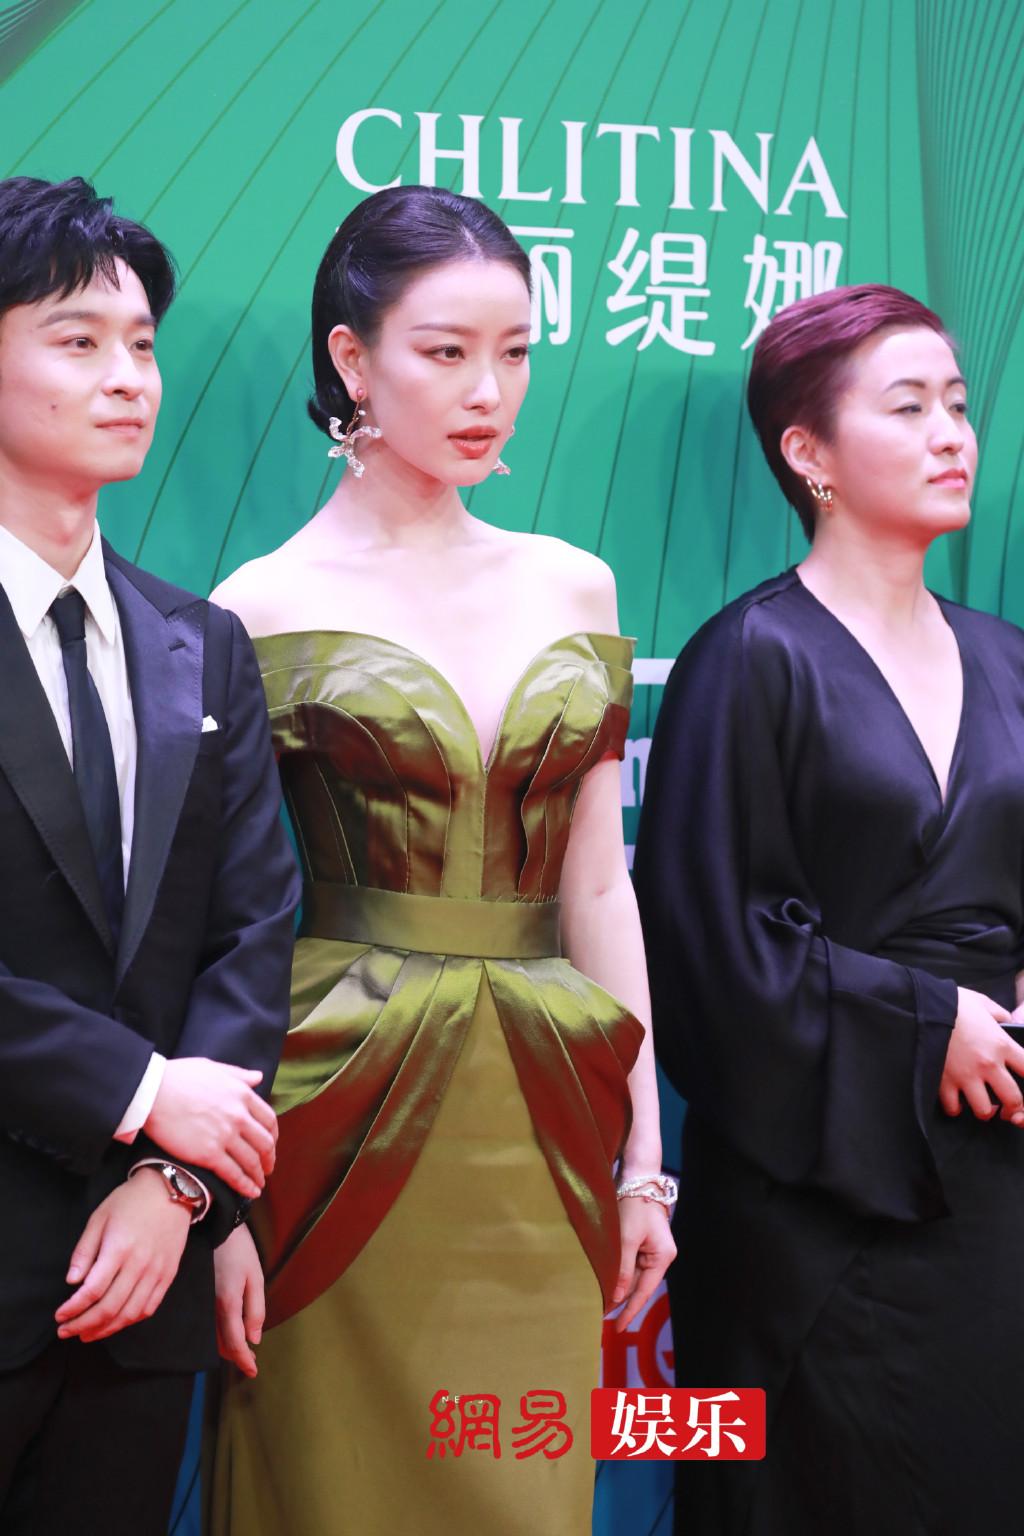 Tạo hình sang chảnh của Nghê Ni trên thảm đỏ chưa bao giờ khiến người hâm mộ thất vọng. Nữ diễn viên cũng nhận đề cử giải Nữ diễn viên chính xuất sắc nhờ tác phẩm Lưu kim tuế nguyệt.